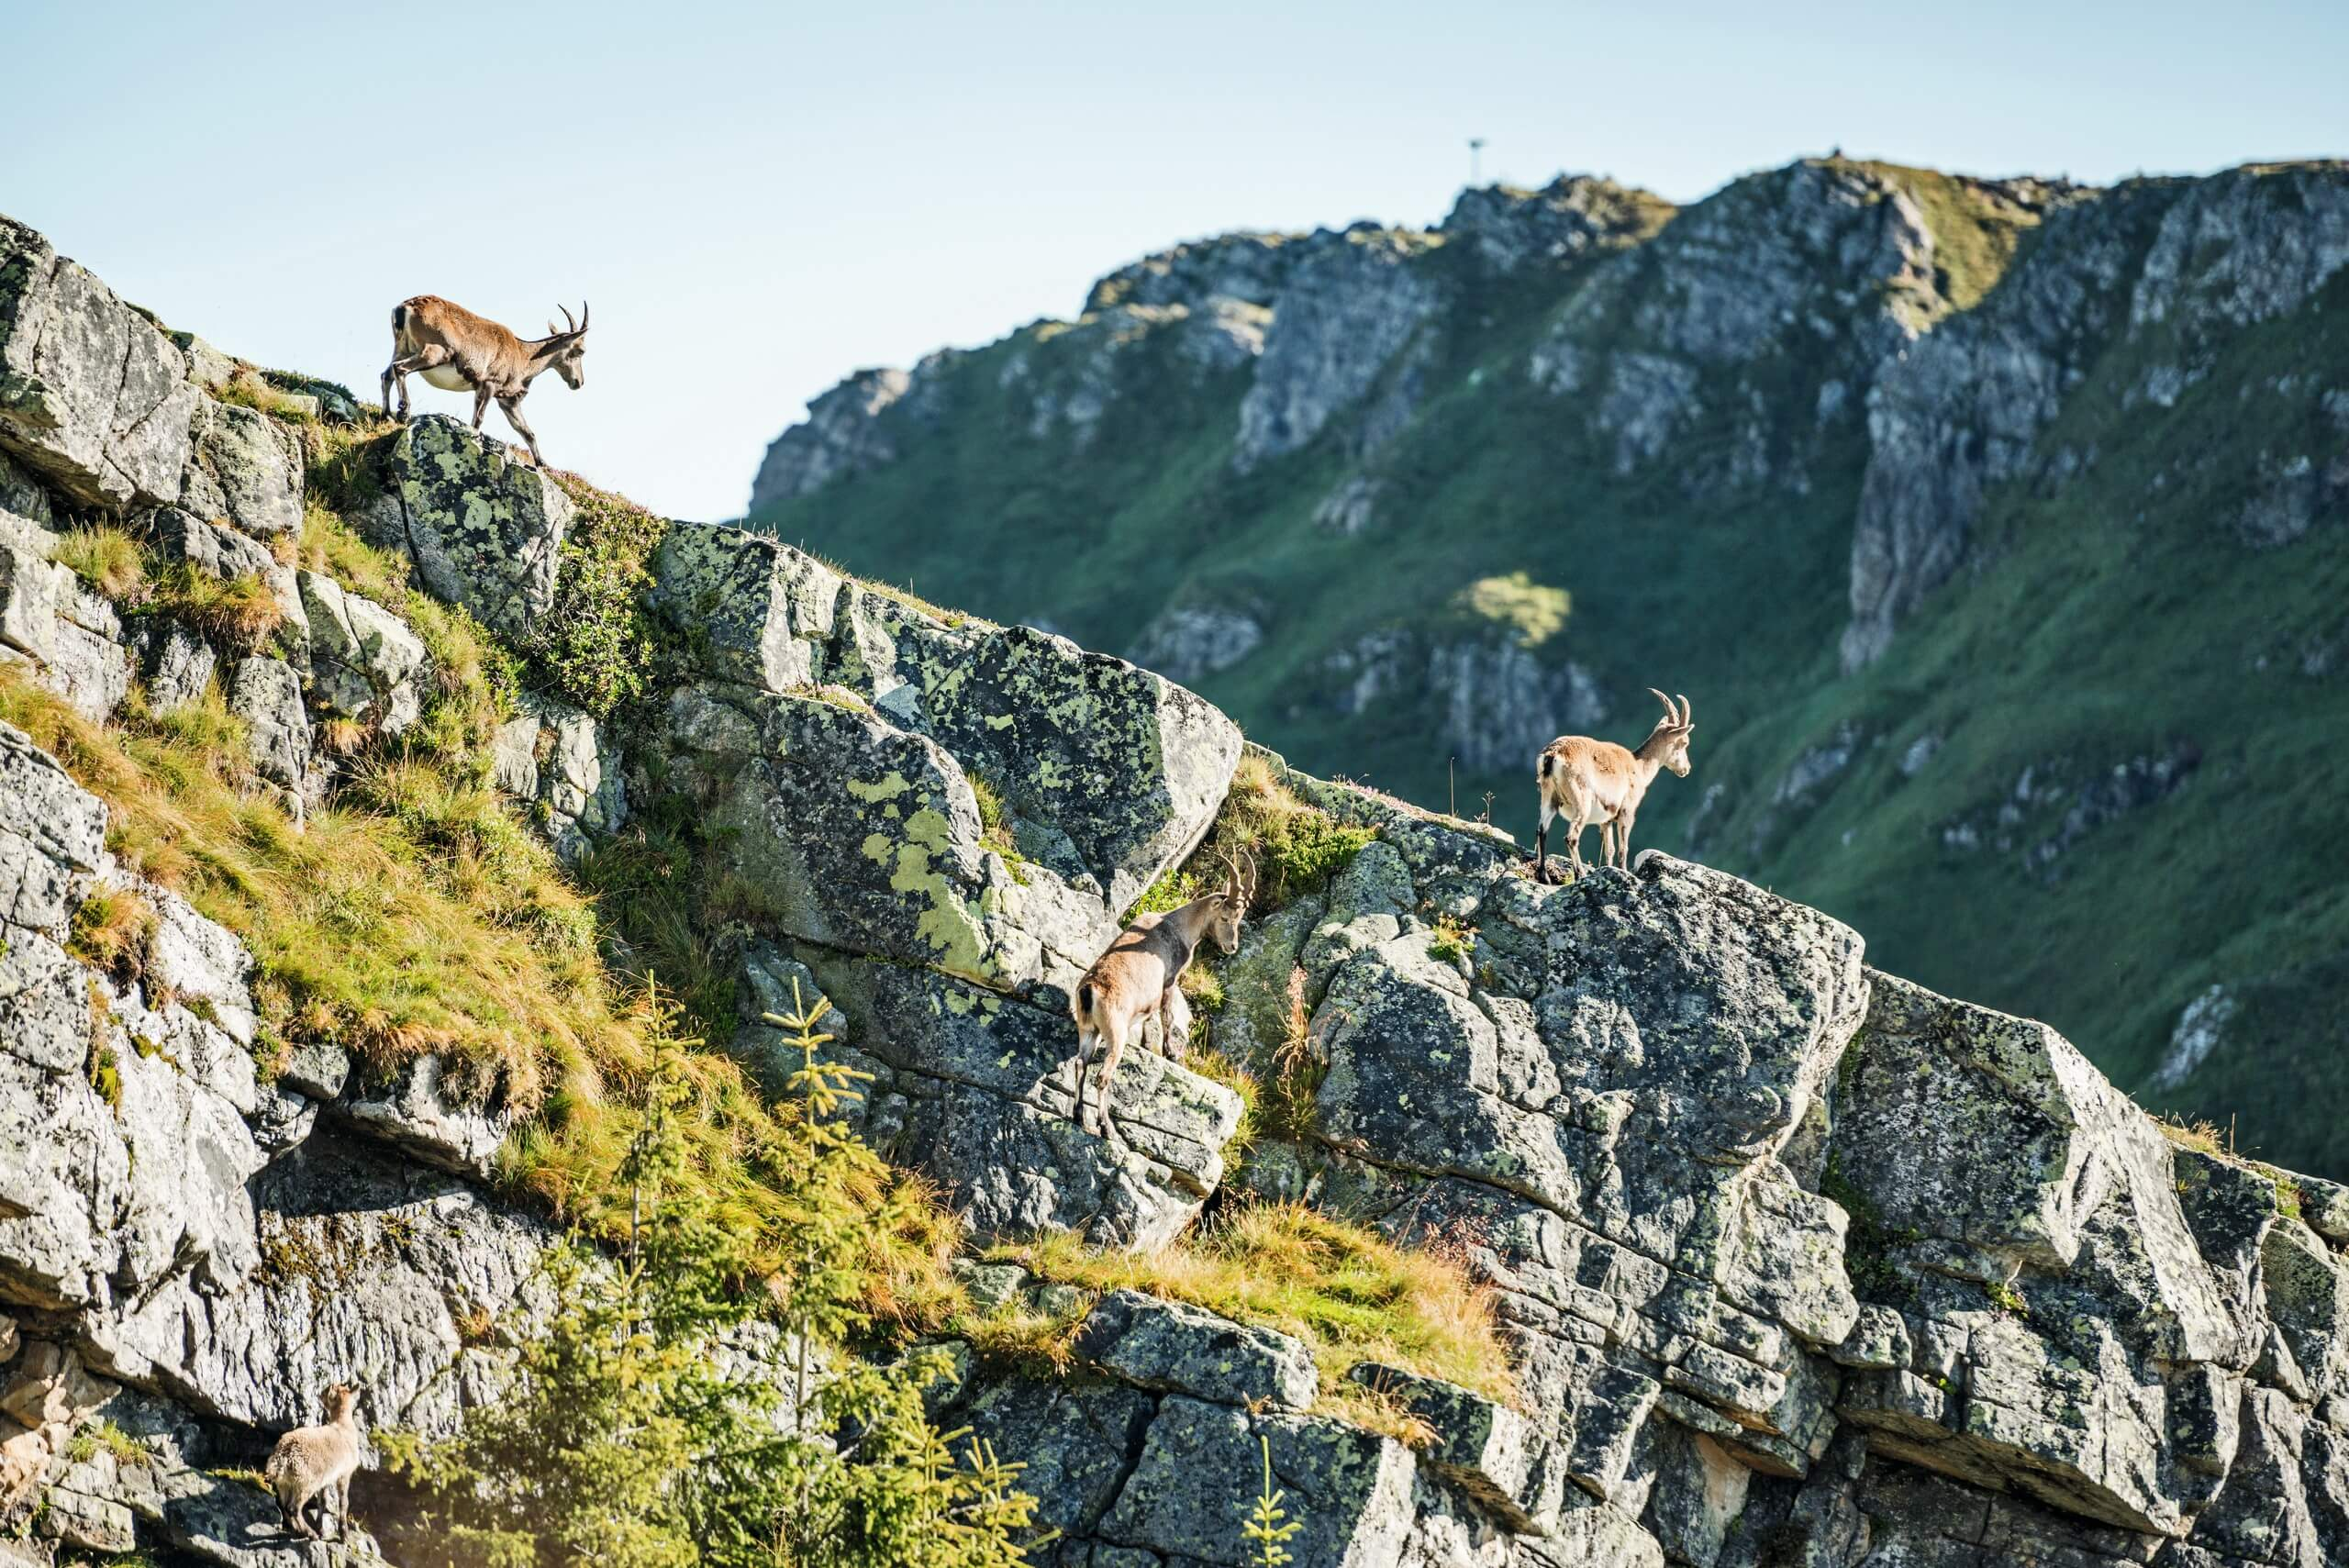 niederhorn-wildbeobachtungen-herbst-steinboecke-jung-grat